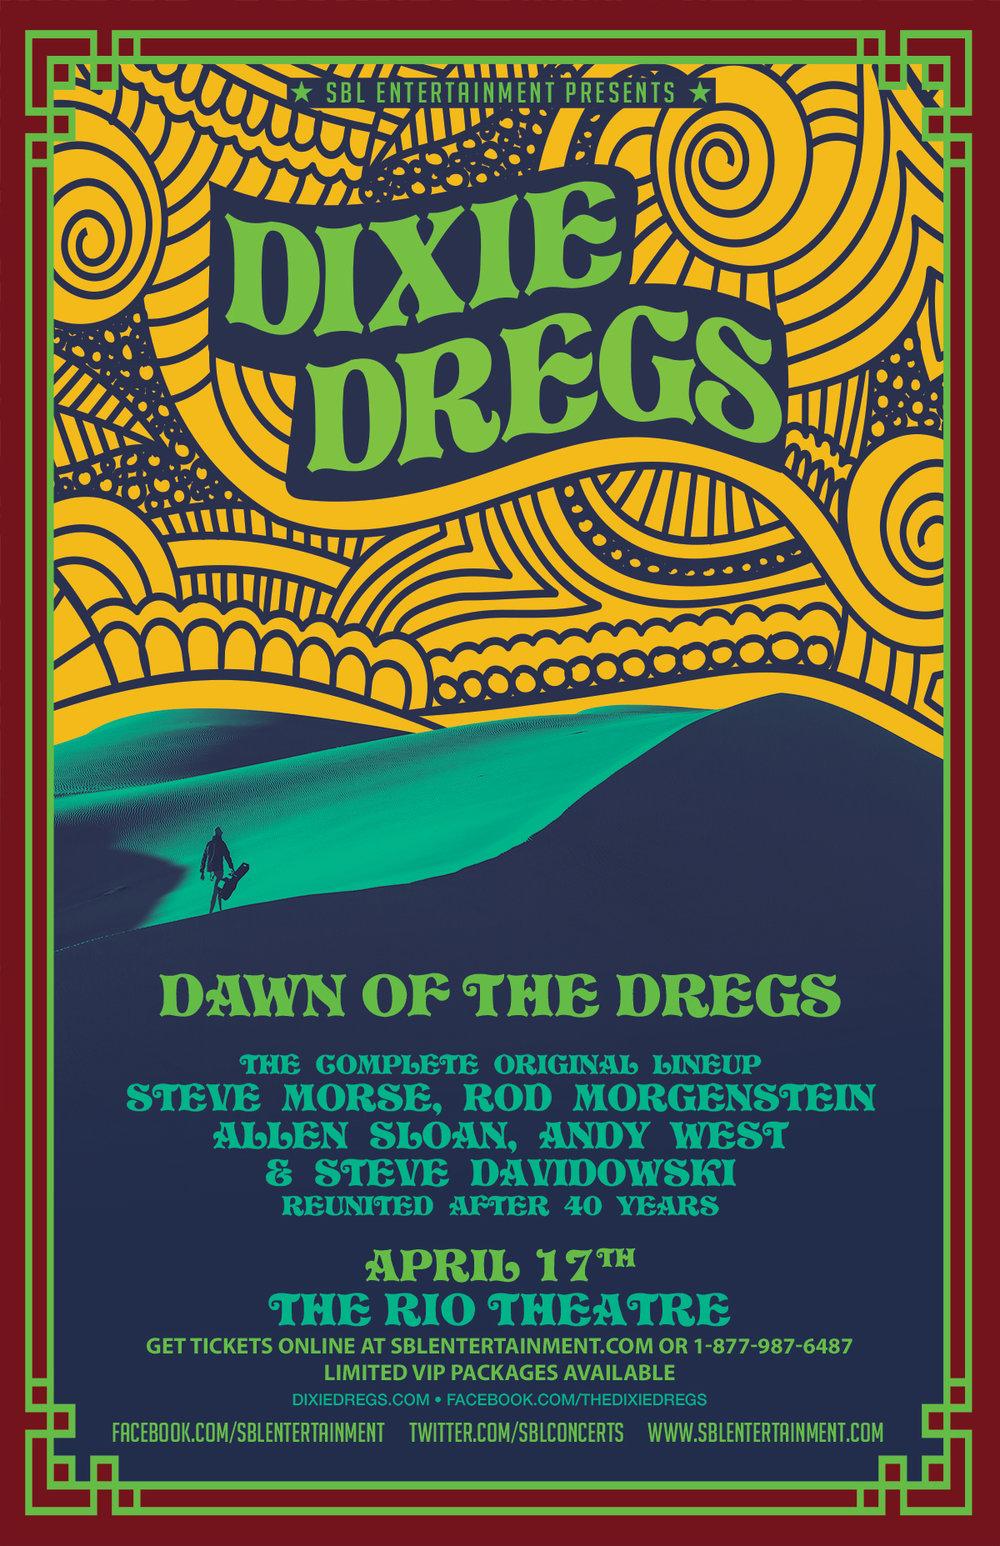 Dixie-Dregs_santacruz_1200pix_web2.jpg